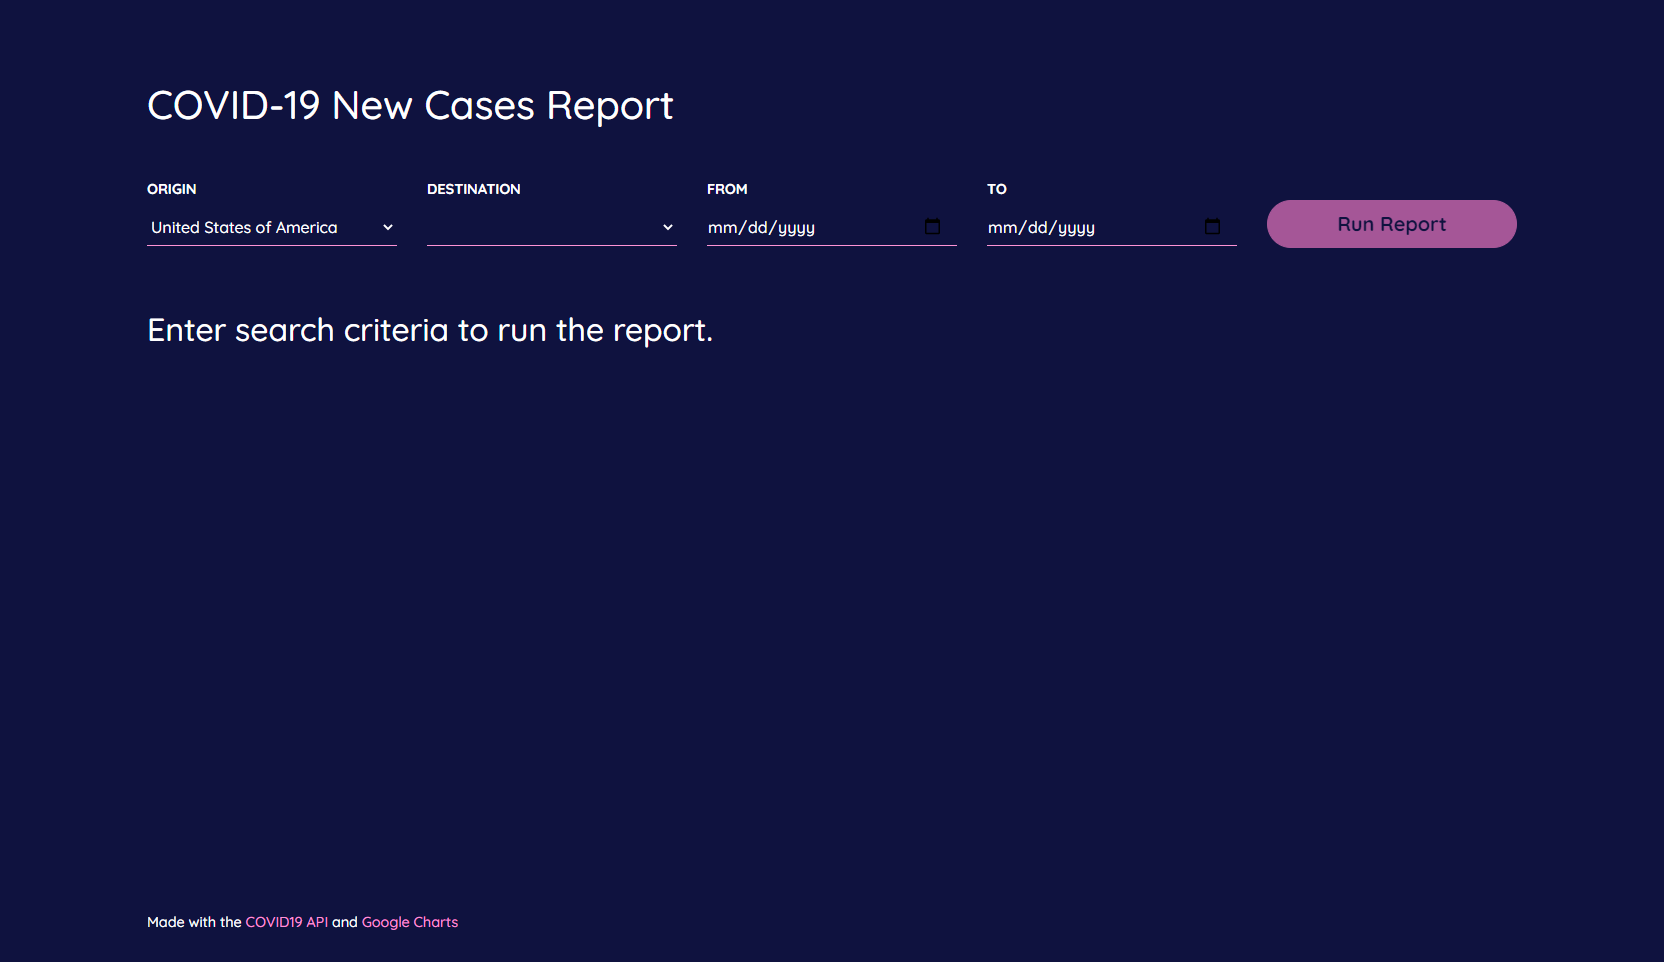 COVID-19 New Cases Report - Search